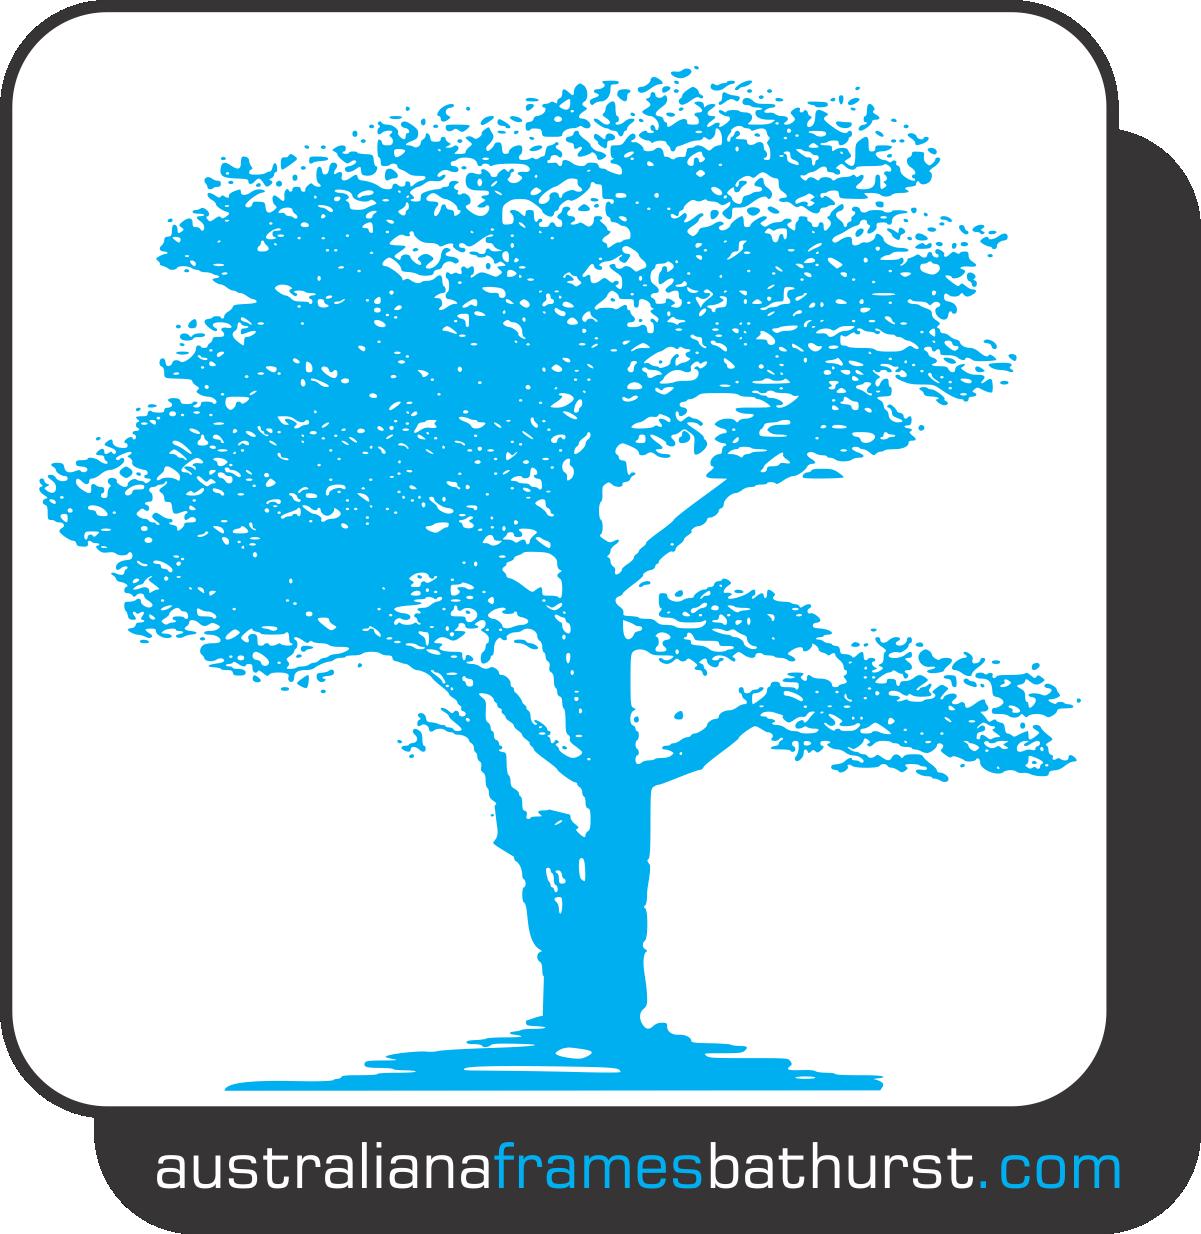 Australiana Frames Bathurst